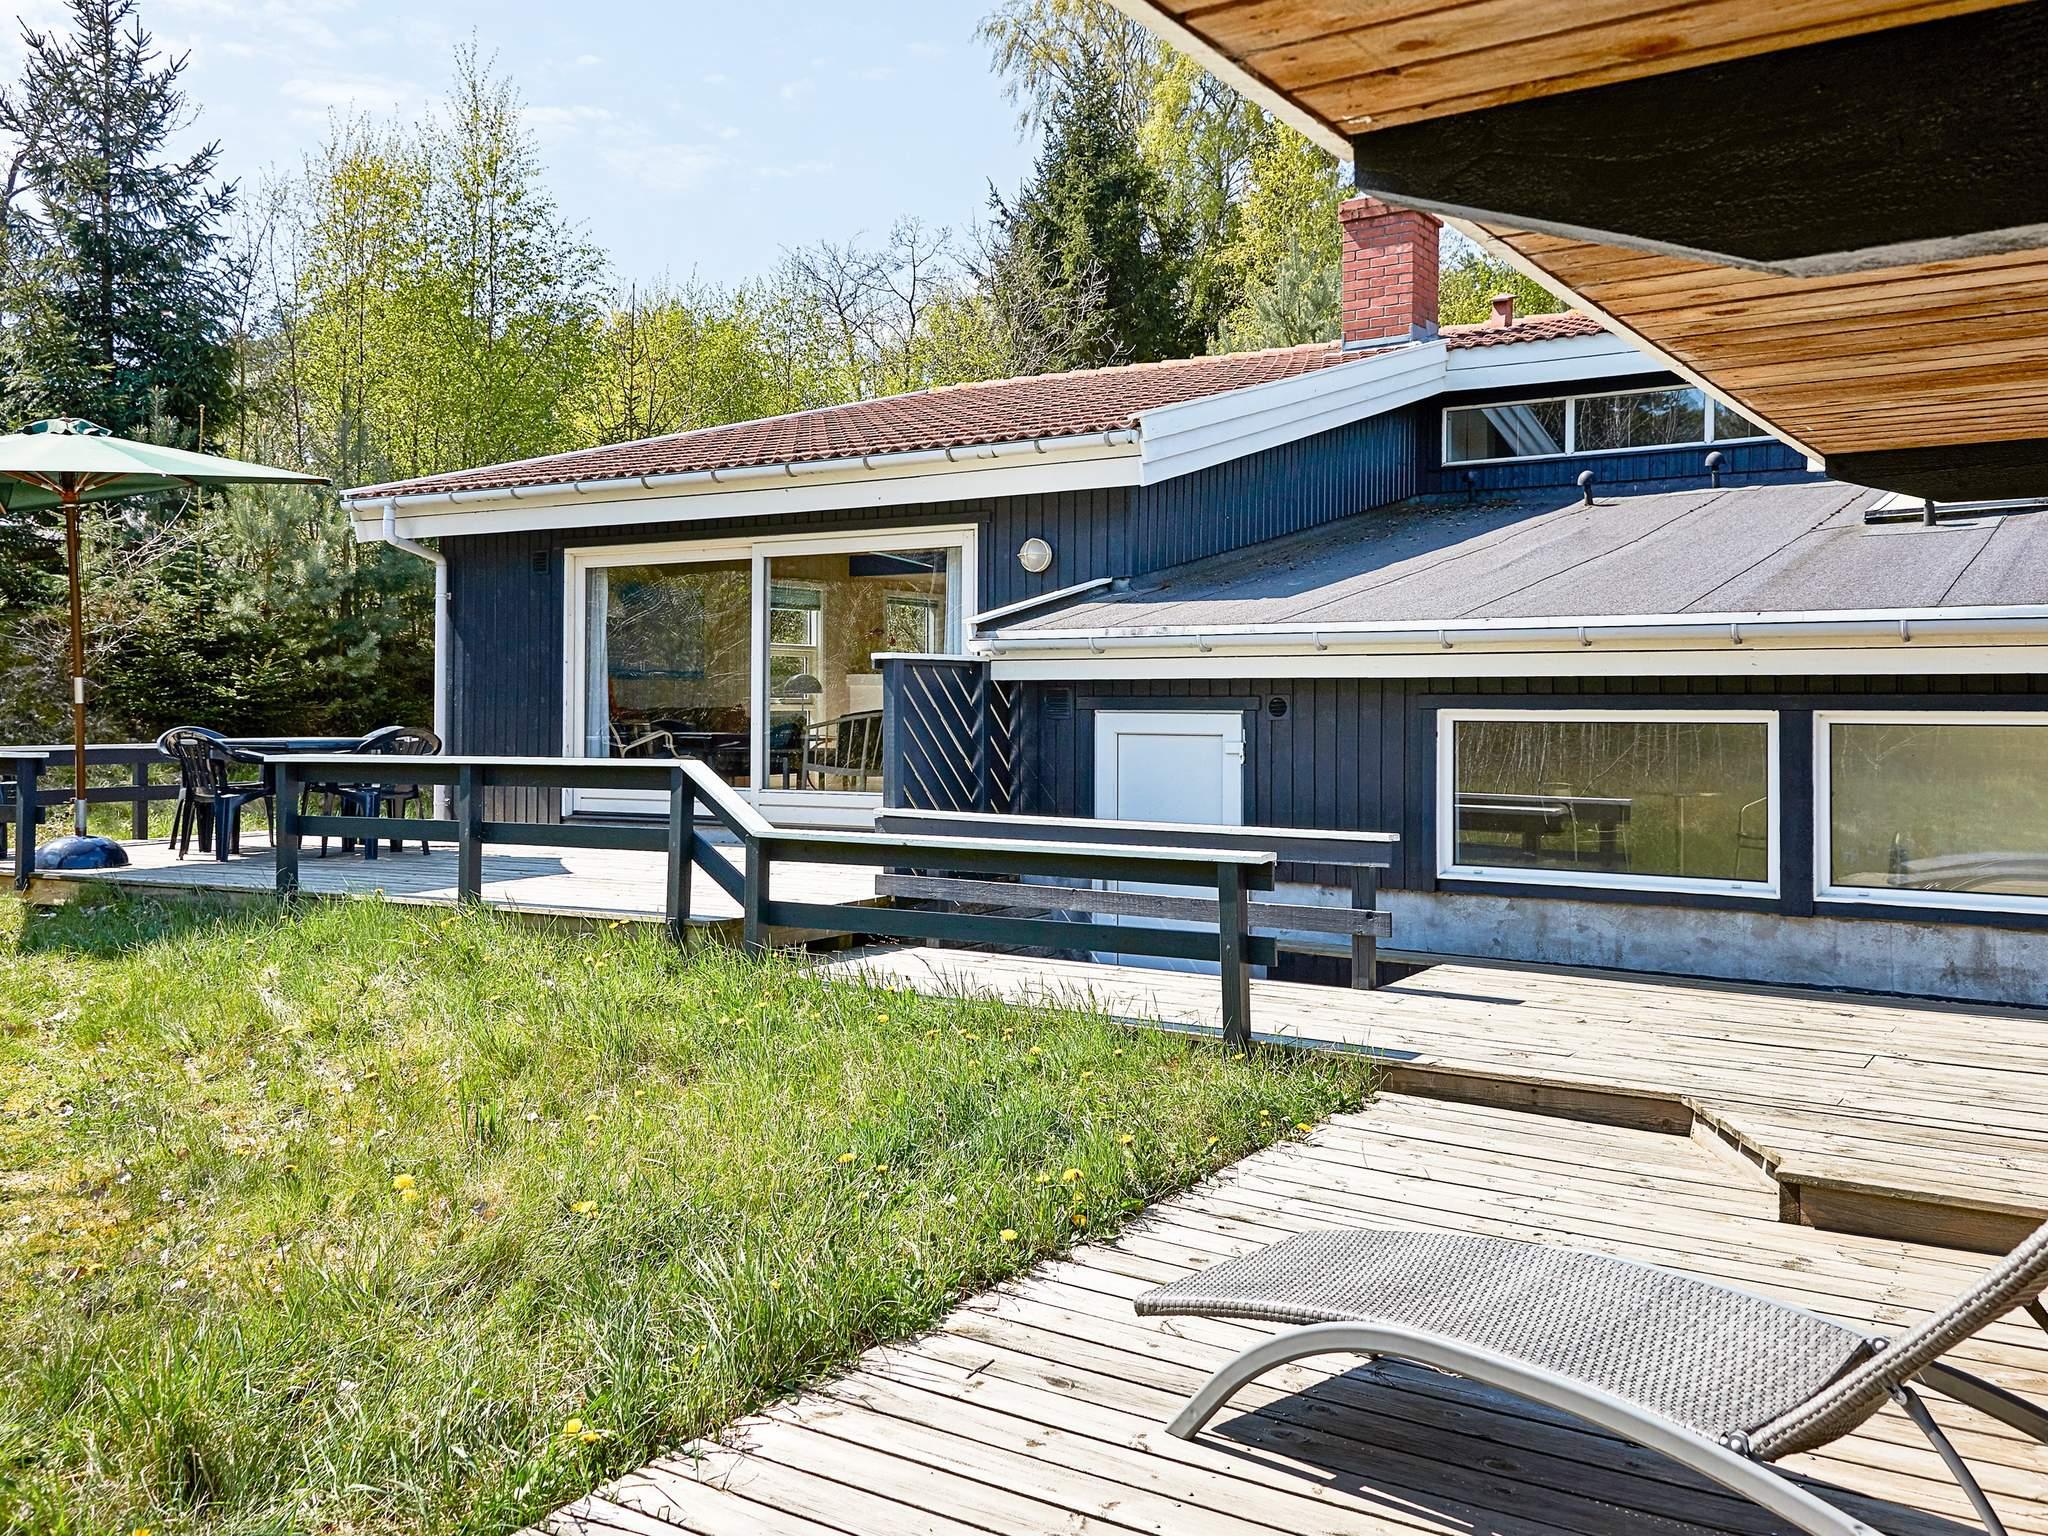 Ferienhaus Snogebæk (87008), Snogebæk, , Bornholm, Dänemark, Bild 16